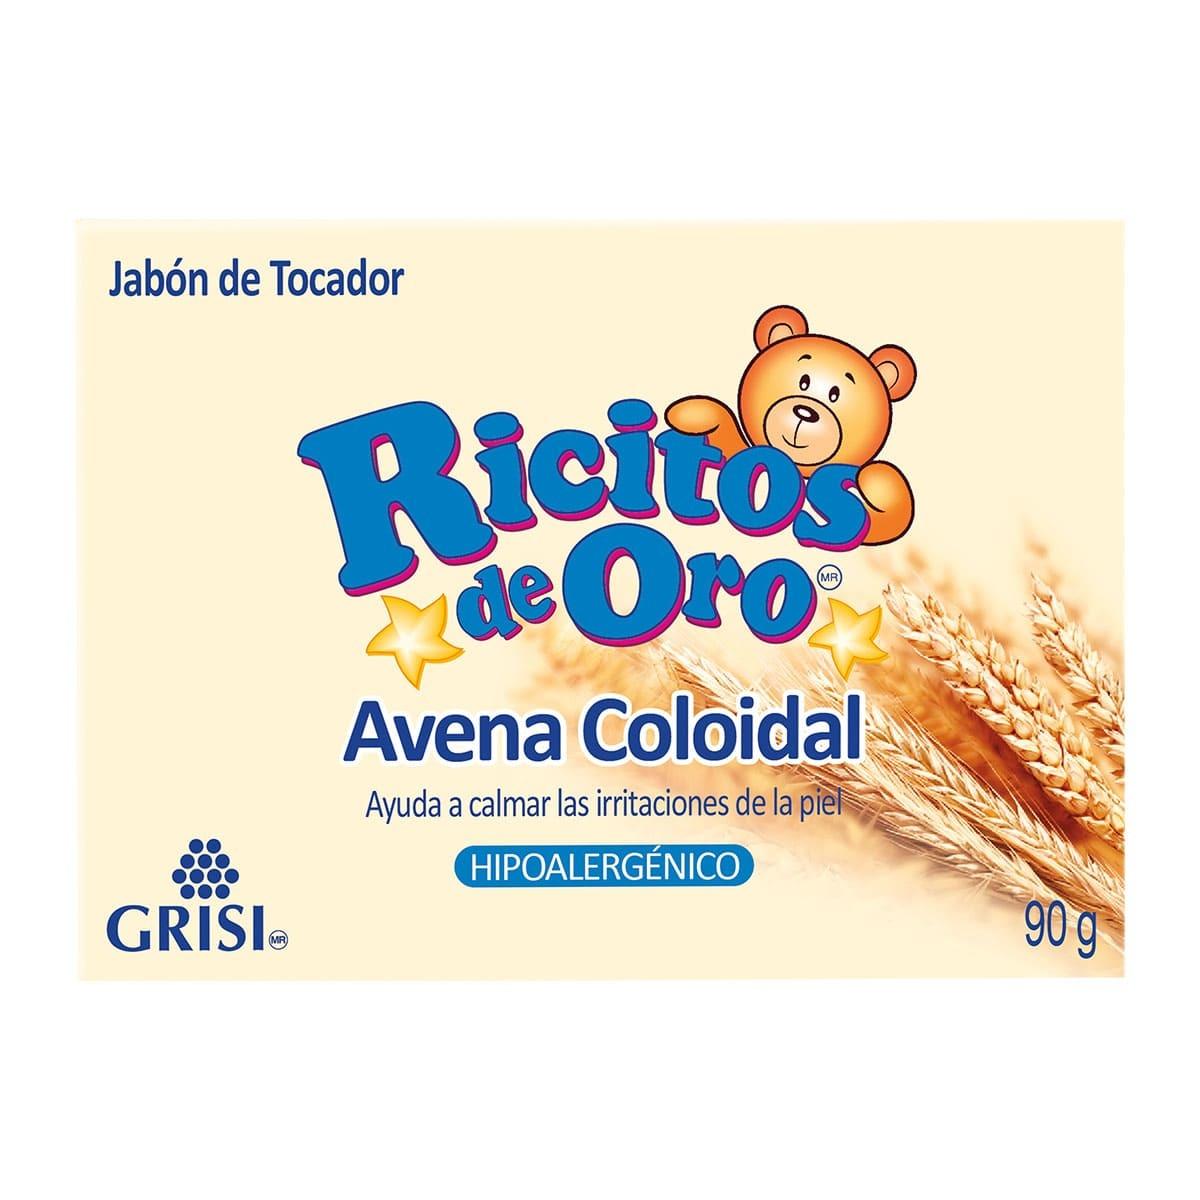 Chedraui: Jabón Ricitos de Oro Avena 90g